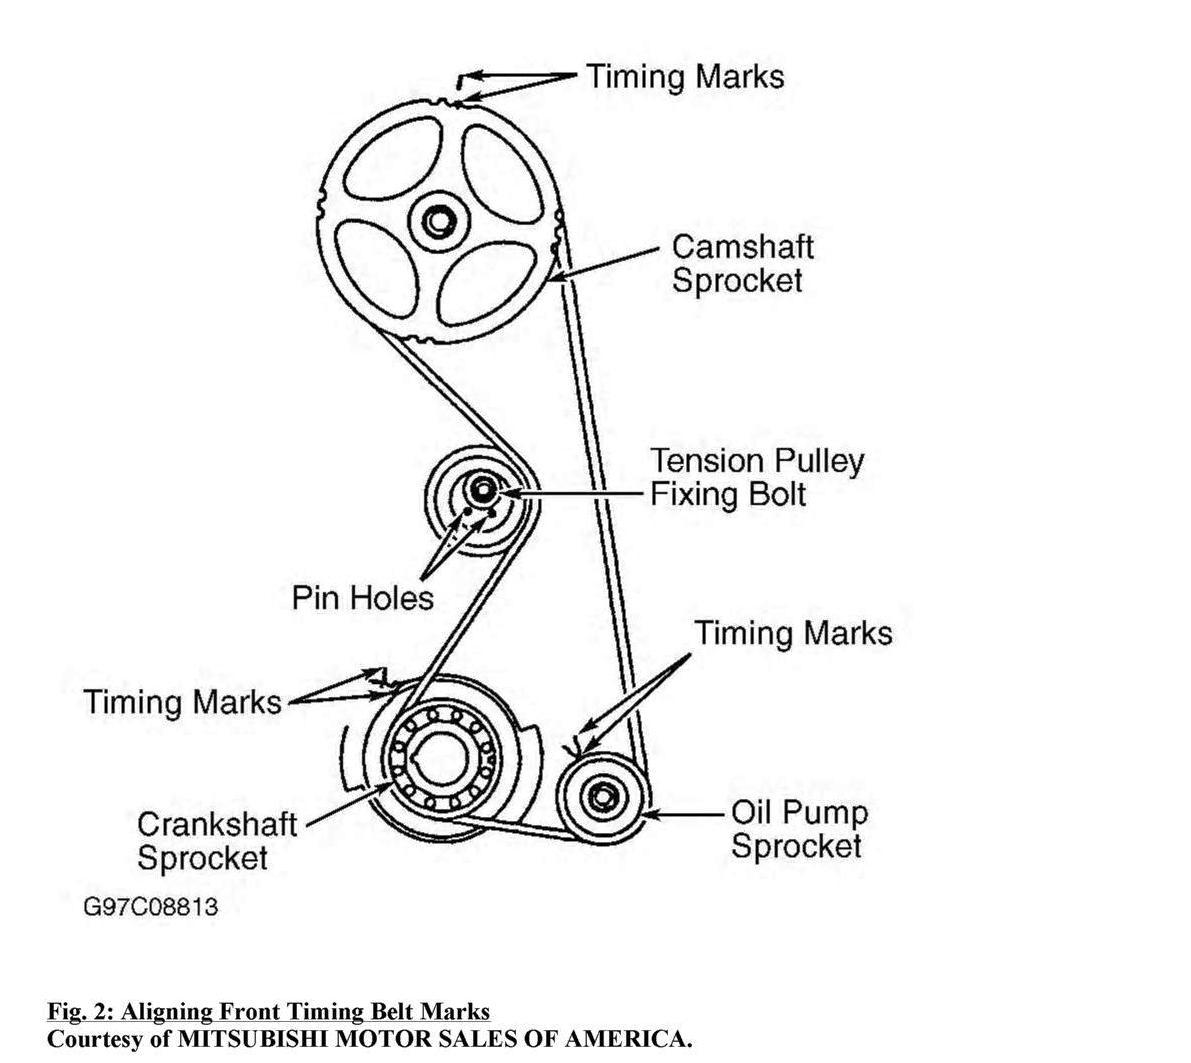 2003 Mitsubishi Outlander Timing Belt Image Details Fuse Box Galant Marks